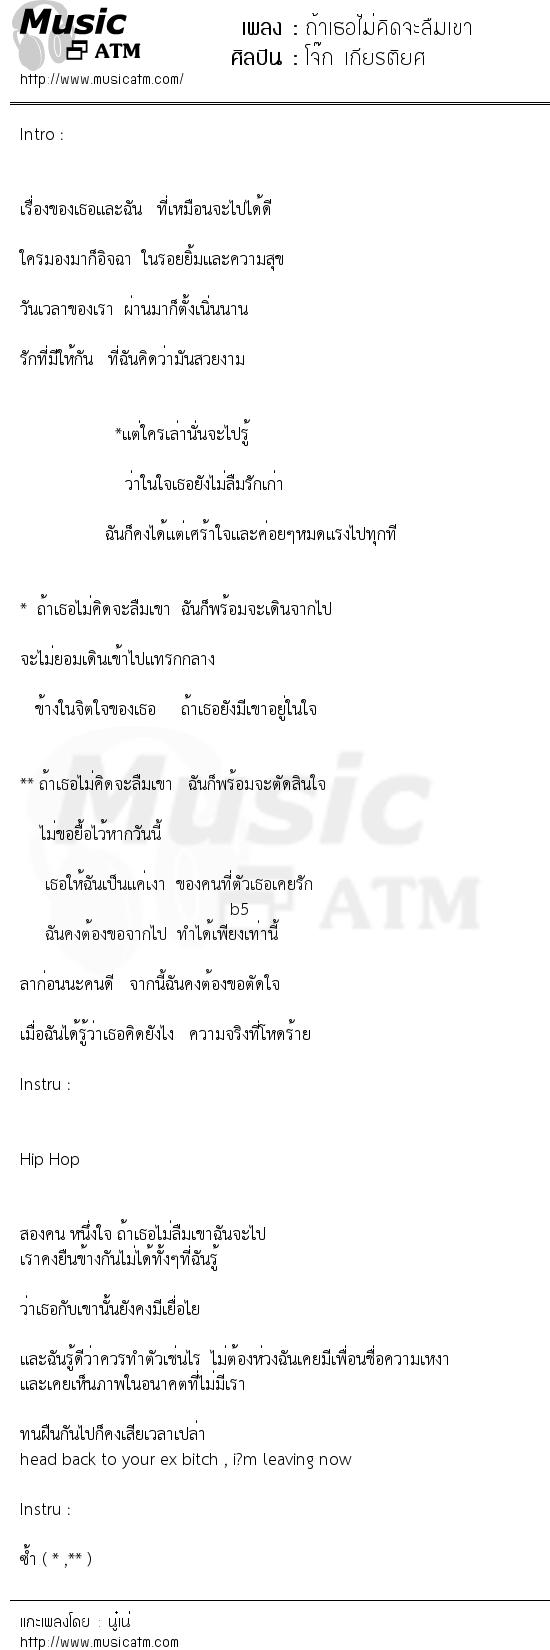 เนื้อเพลง ถ้าเธอไม่คิดจะลืมเขา - โจ๊ก เกียรติยศ | เพลงไทย